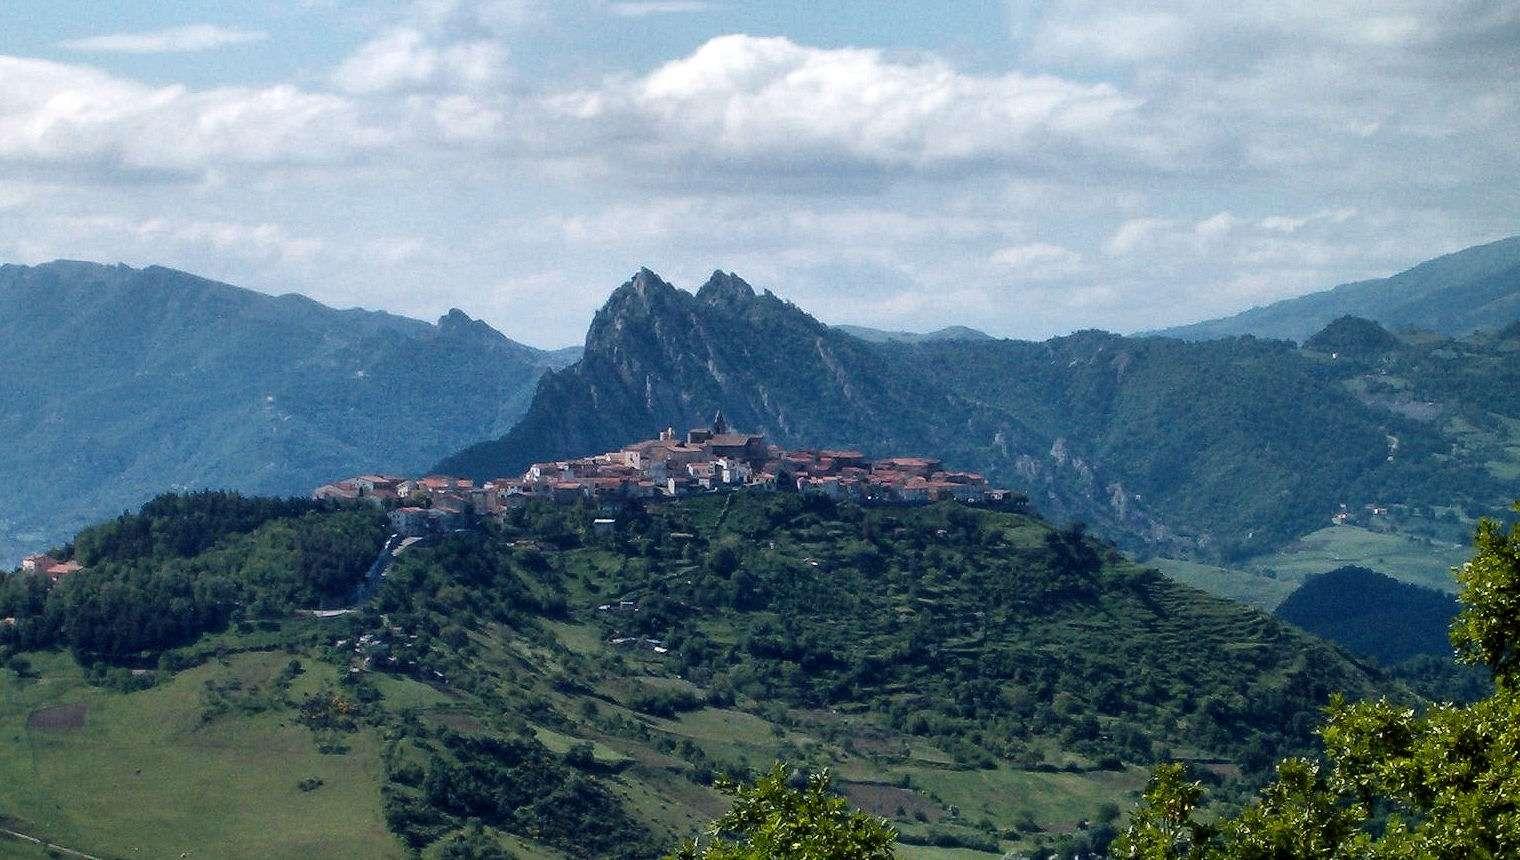 Byen Trivigno